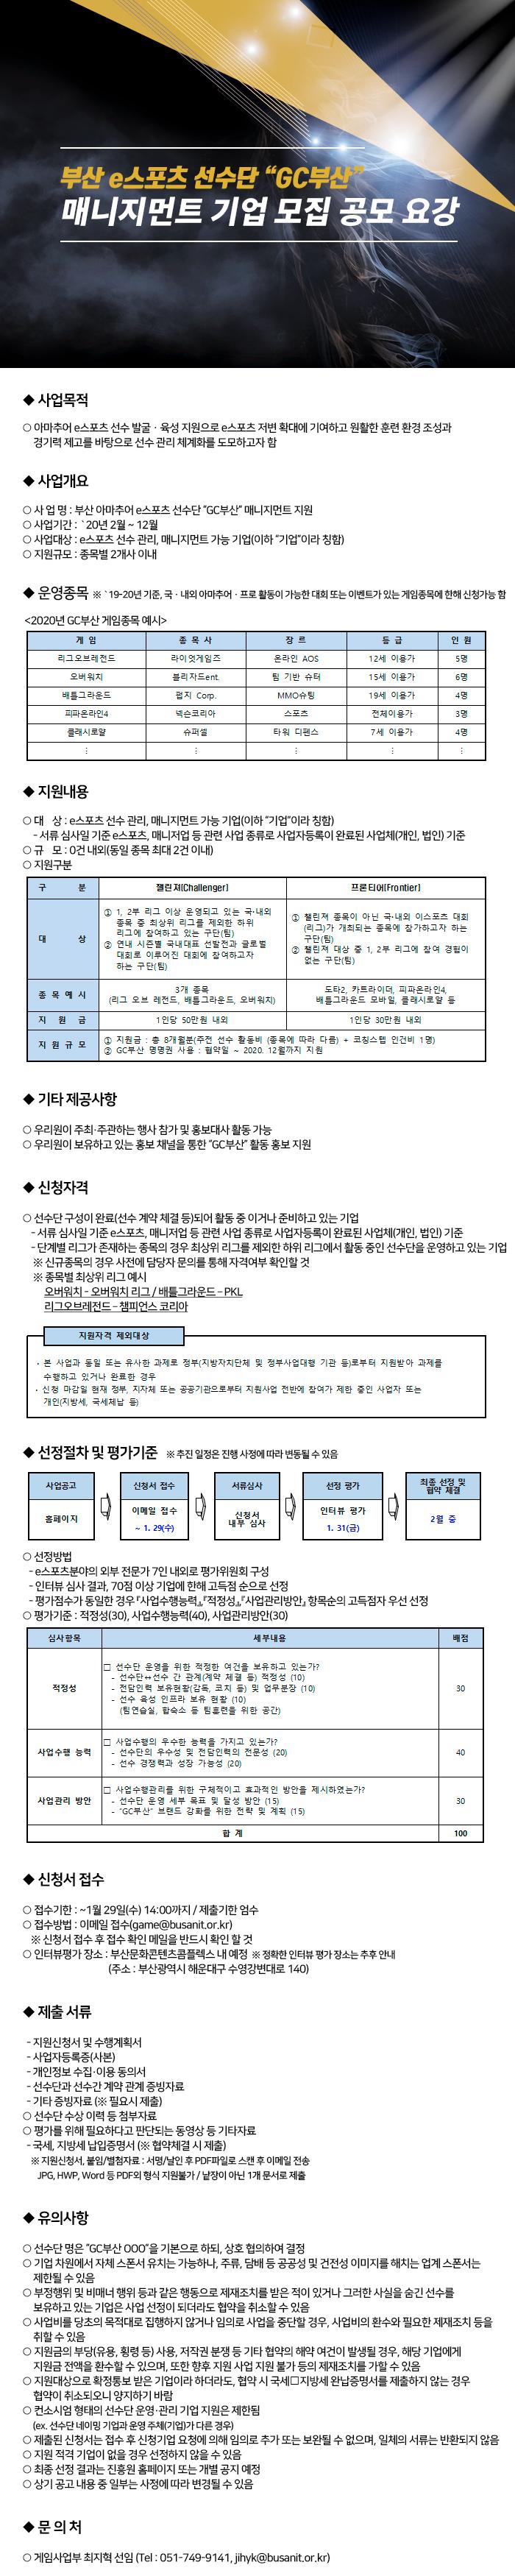 """2020 부산 아마추어 e스포츠 선수단 """"GC부산"""" 매니지먼트사 모집"""